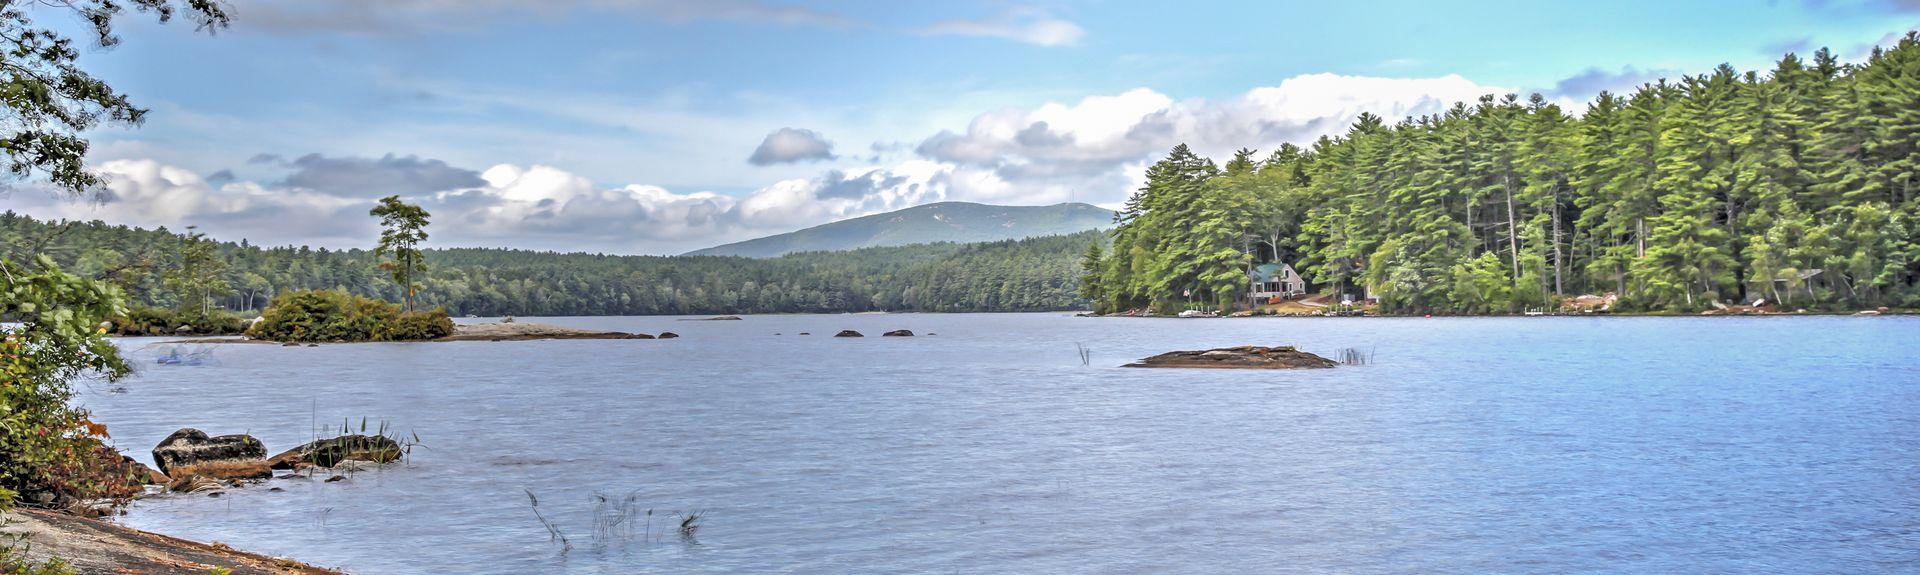 Hiram, Maine, Stany Zjednoczone